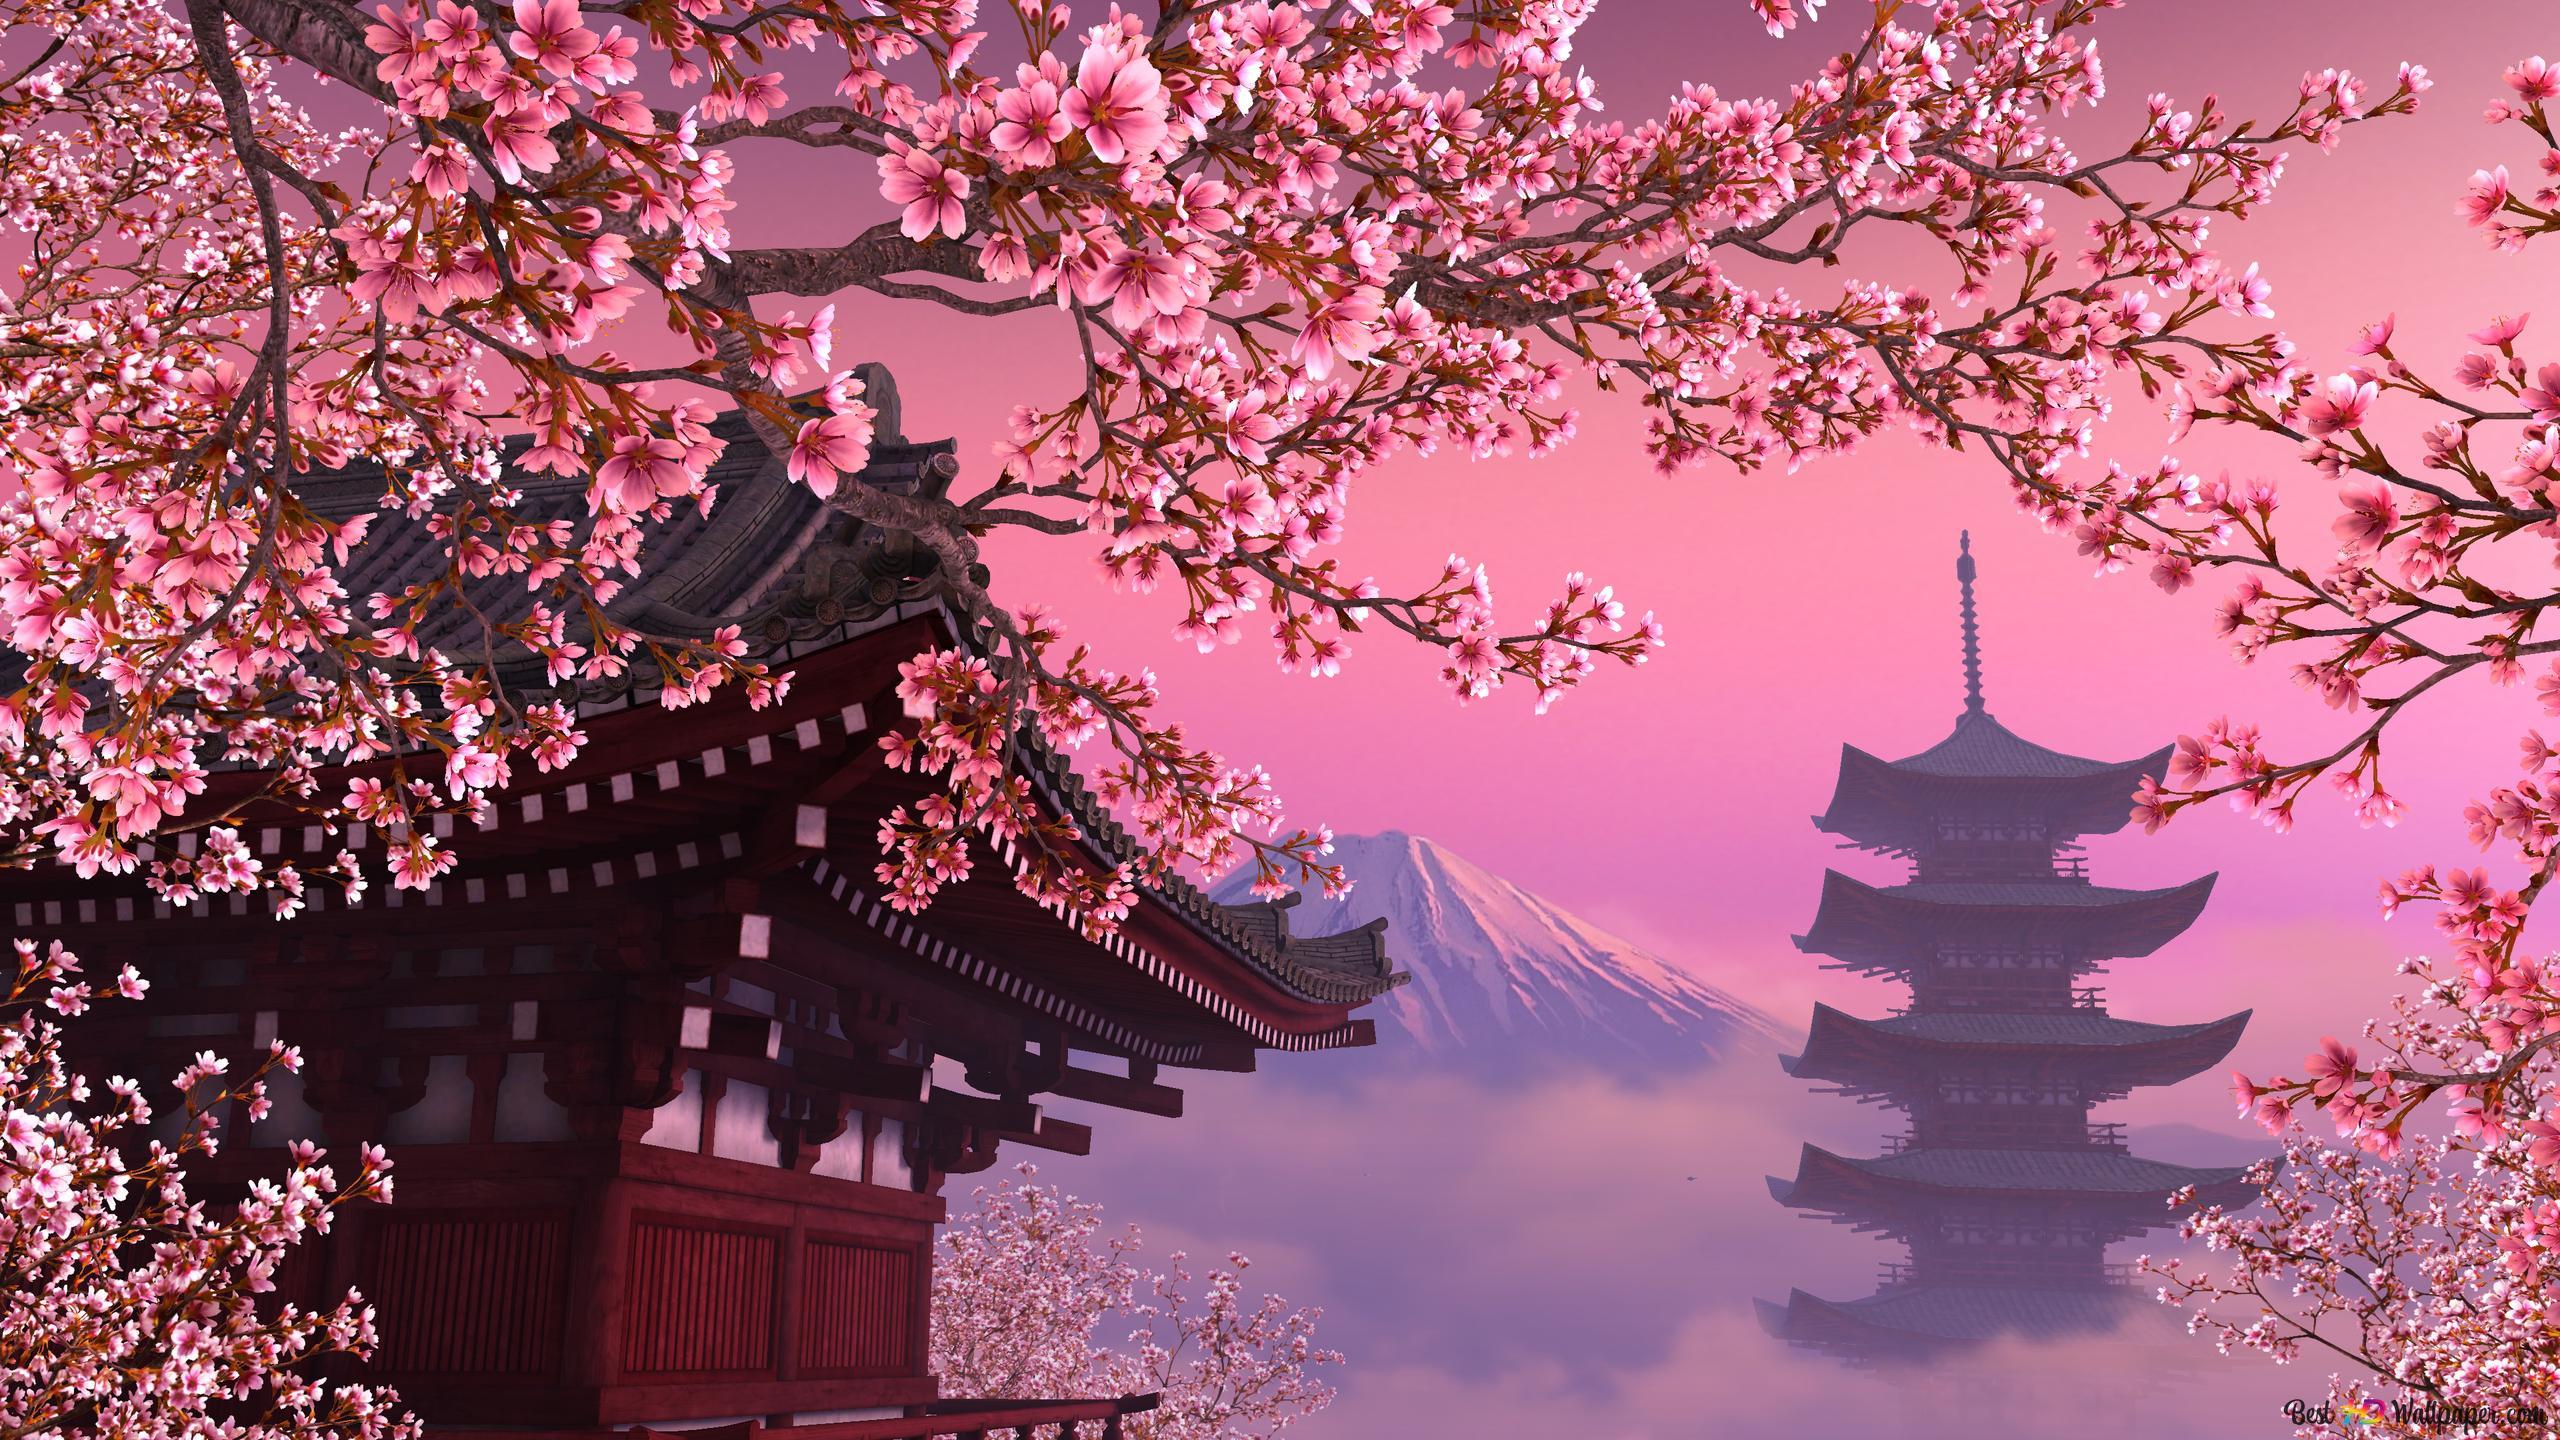 Descargar fondo de pantalla flor de cerezo HD